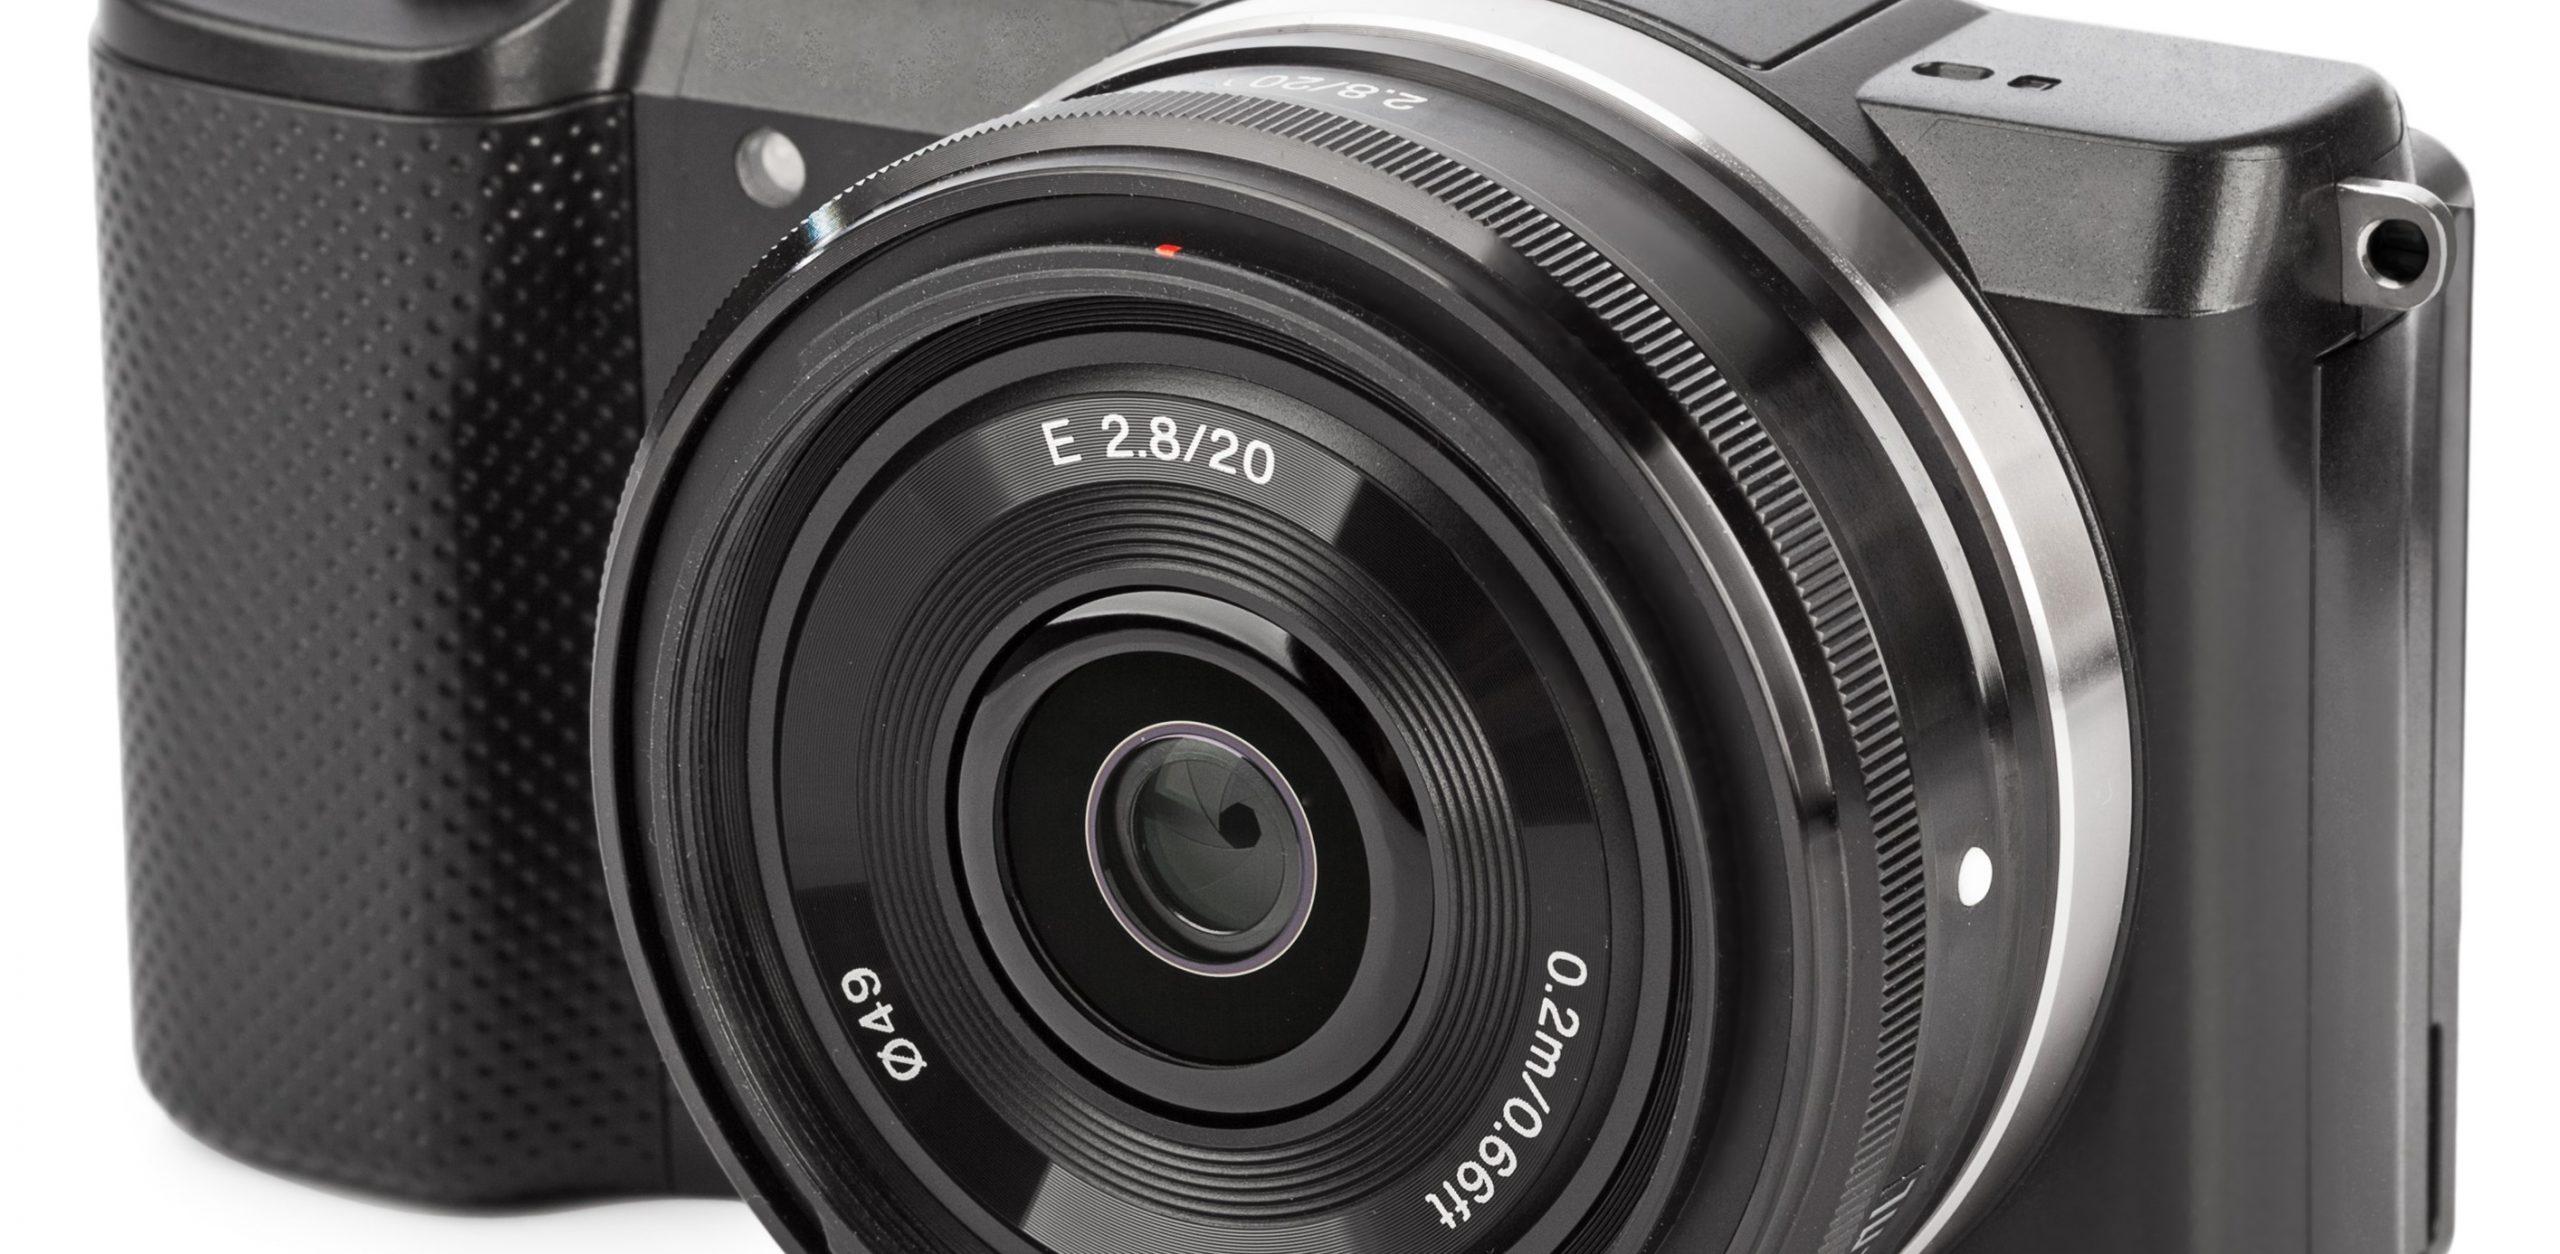 Miglior fotocamera compatta 2021: Guida all'acquisto